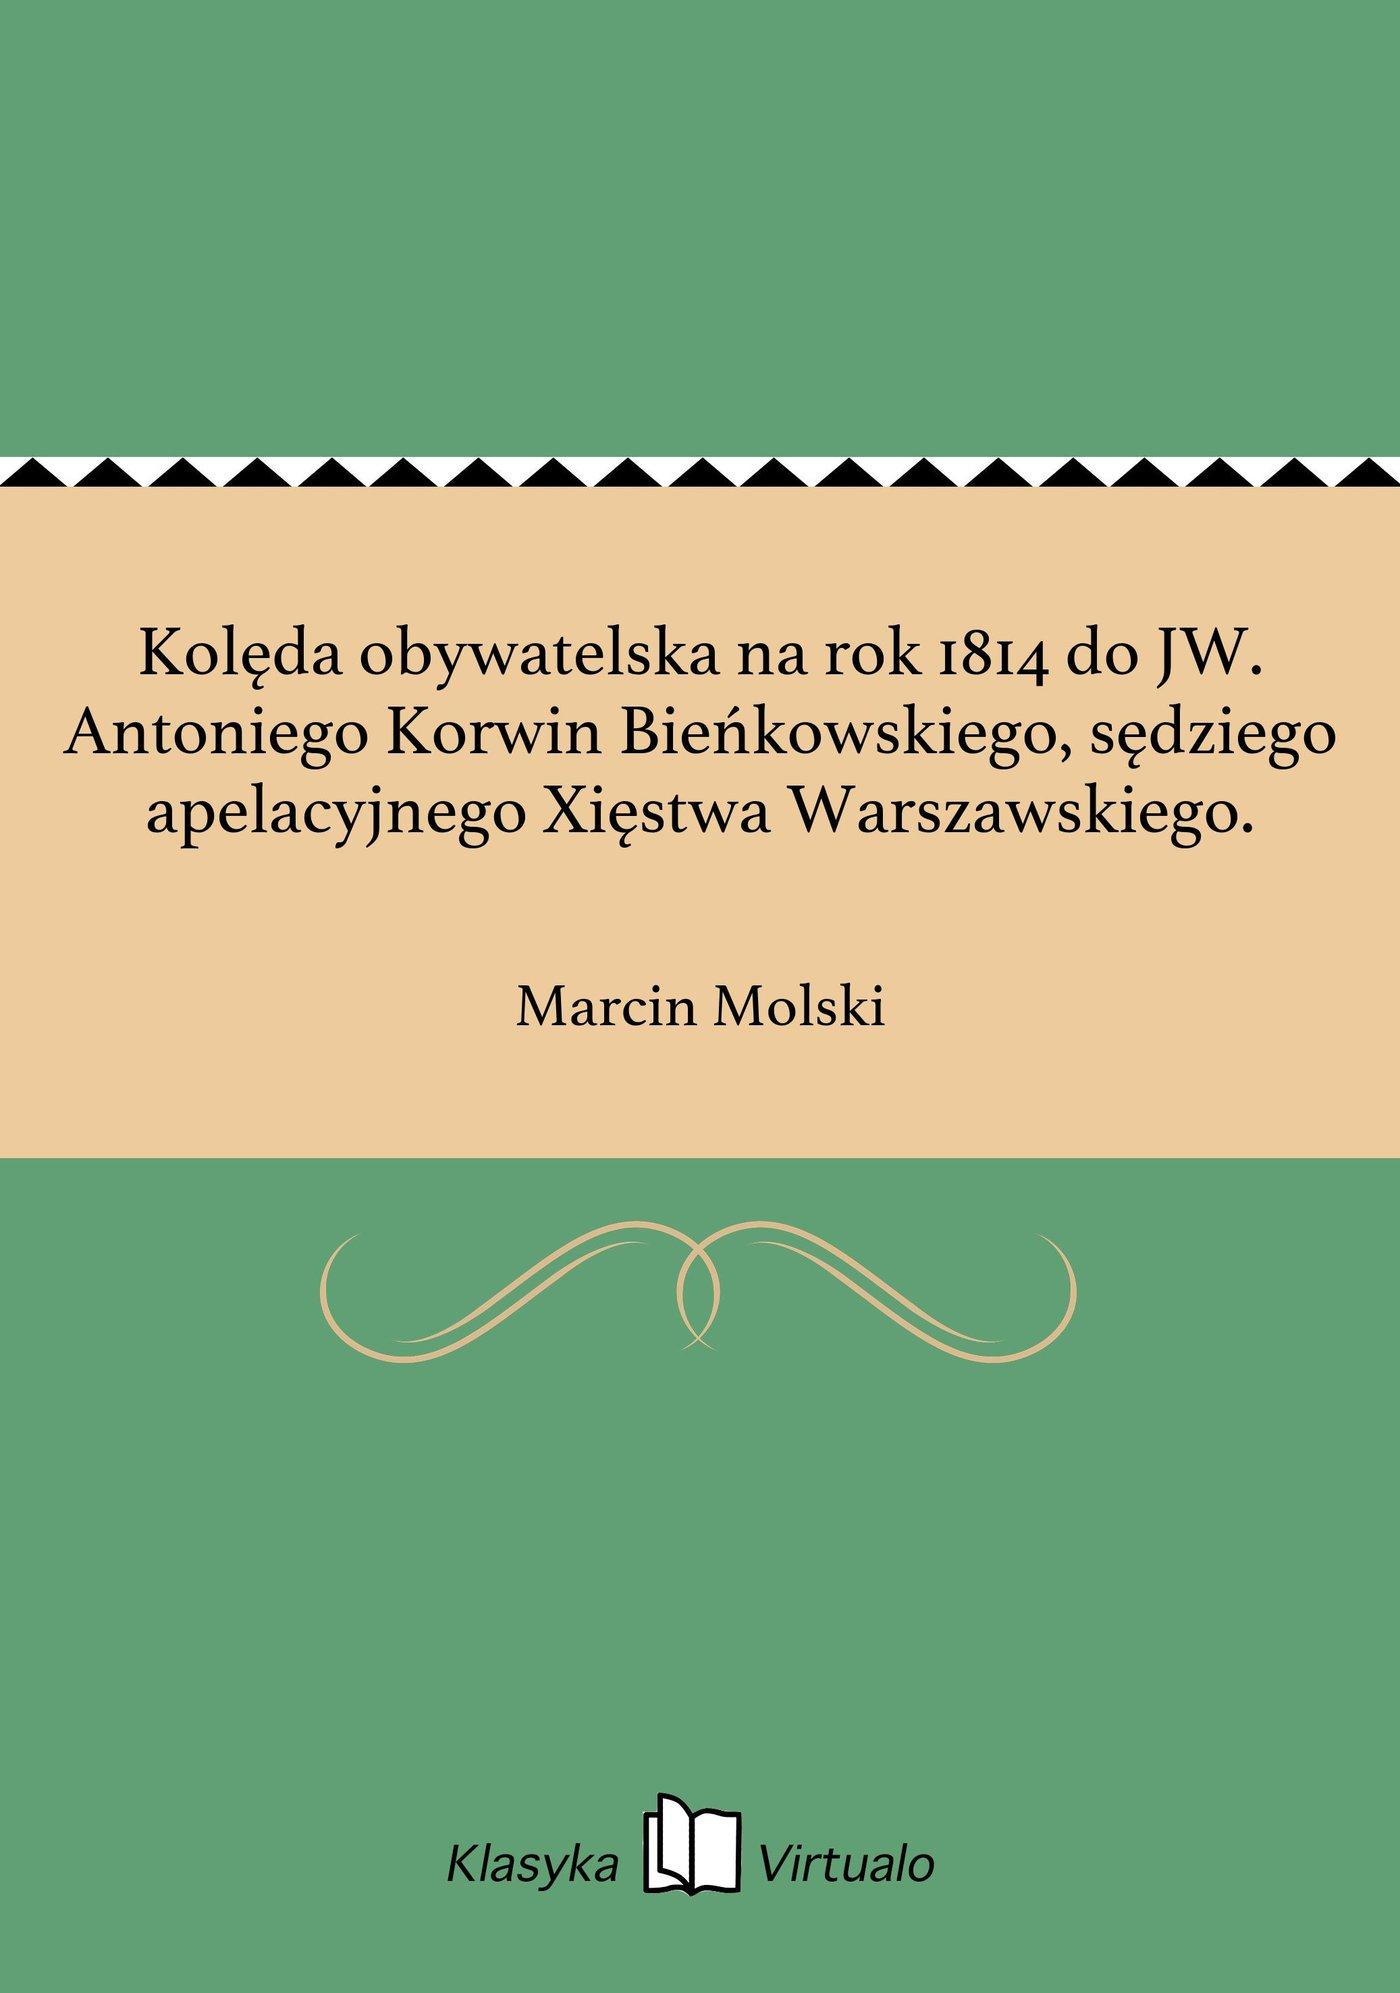 Kolęda obywatelska na rok 1814 do JW. Antoniego Korwin Bieńkowskiego, sędziego apelacyjnego Xięstwa Warszawskiego. - Ebook (Książka na Kindle) do pobrania w formacie MOBI